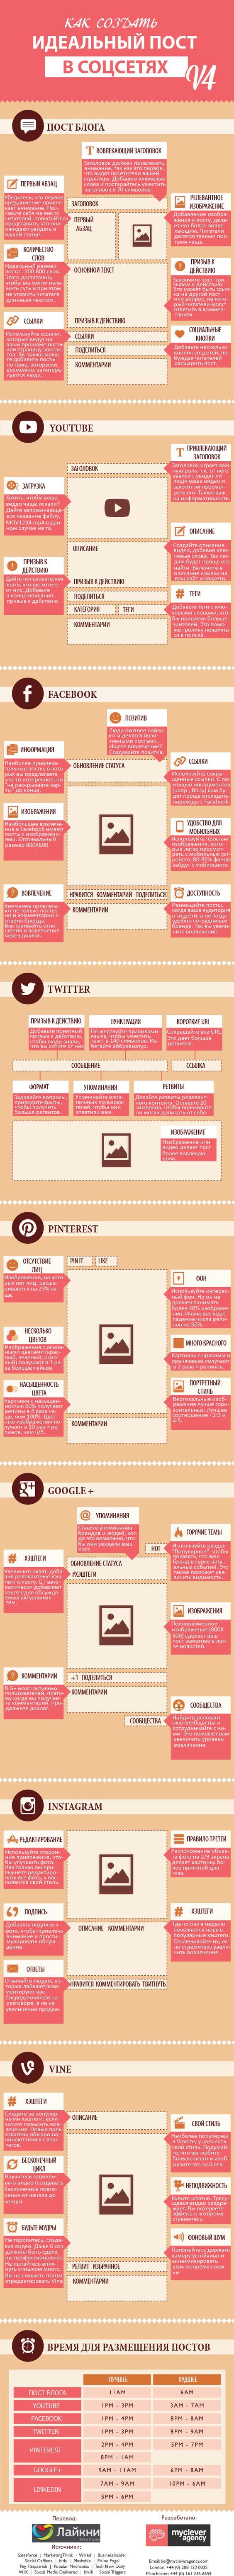 Идеальный пост для соцсетей (Инфографика) - ОТличная рекомендация для СЕО!!: